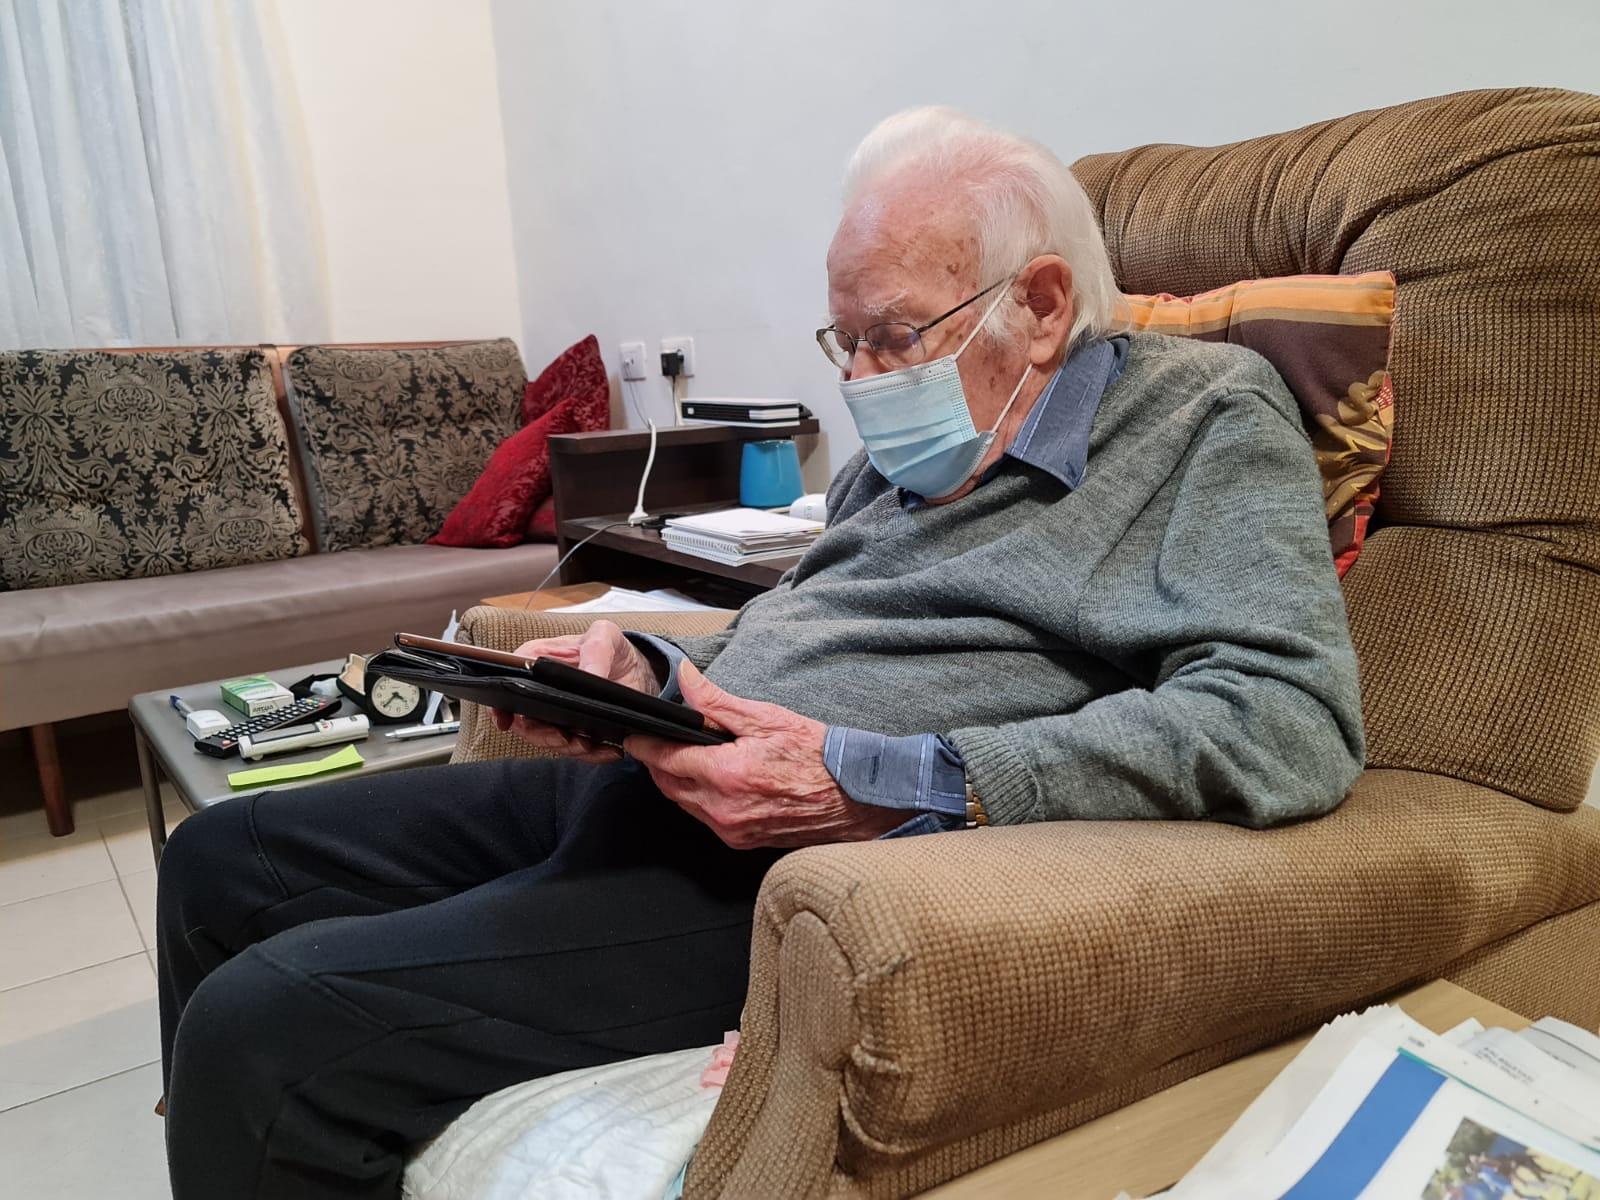 אהרון ידלין בן ה-94 מחצרים מצביע בביתו על החלטות המועצה כציר מטעם קיבוצו.